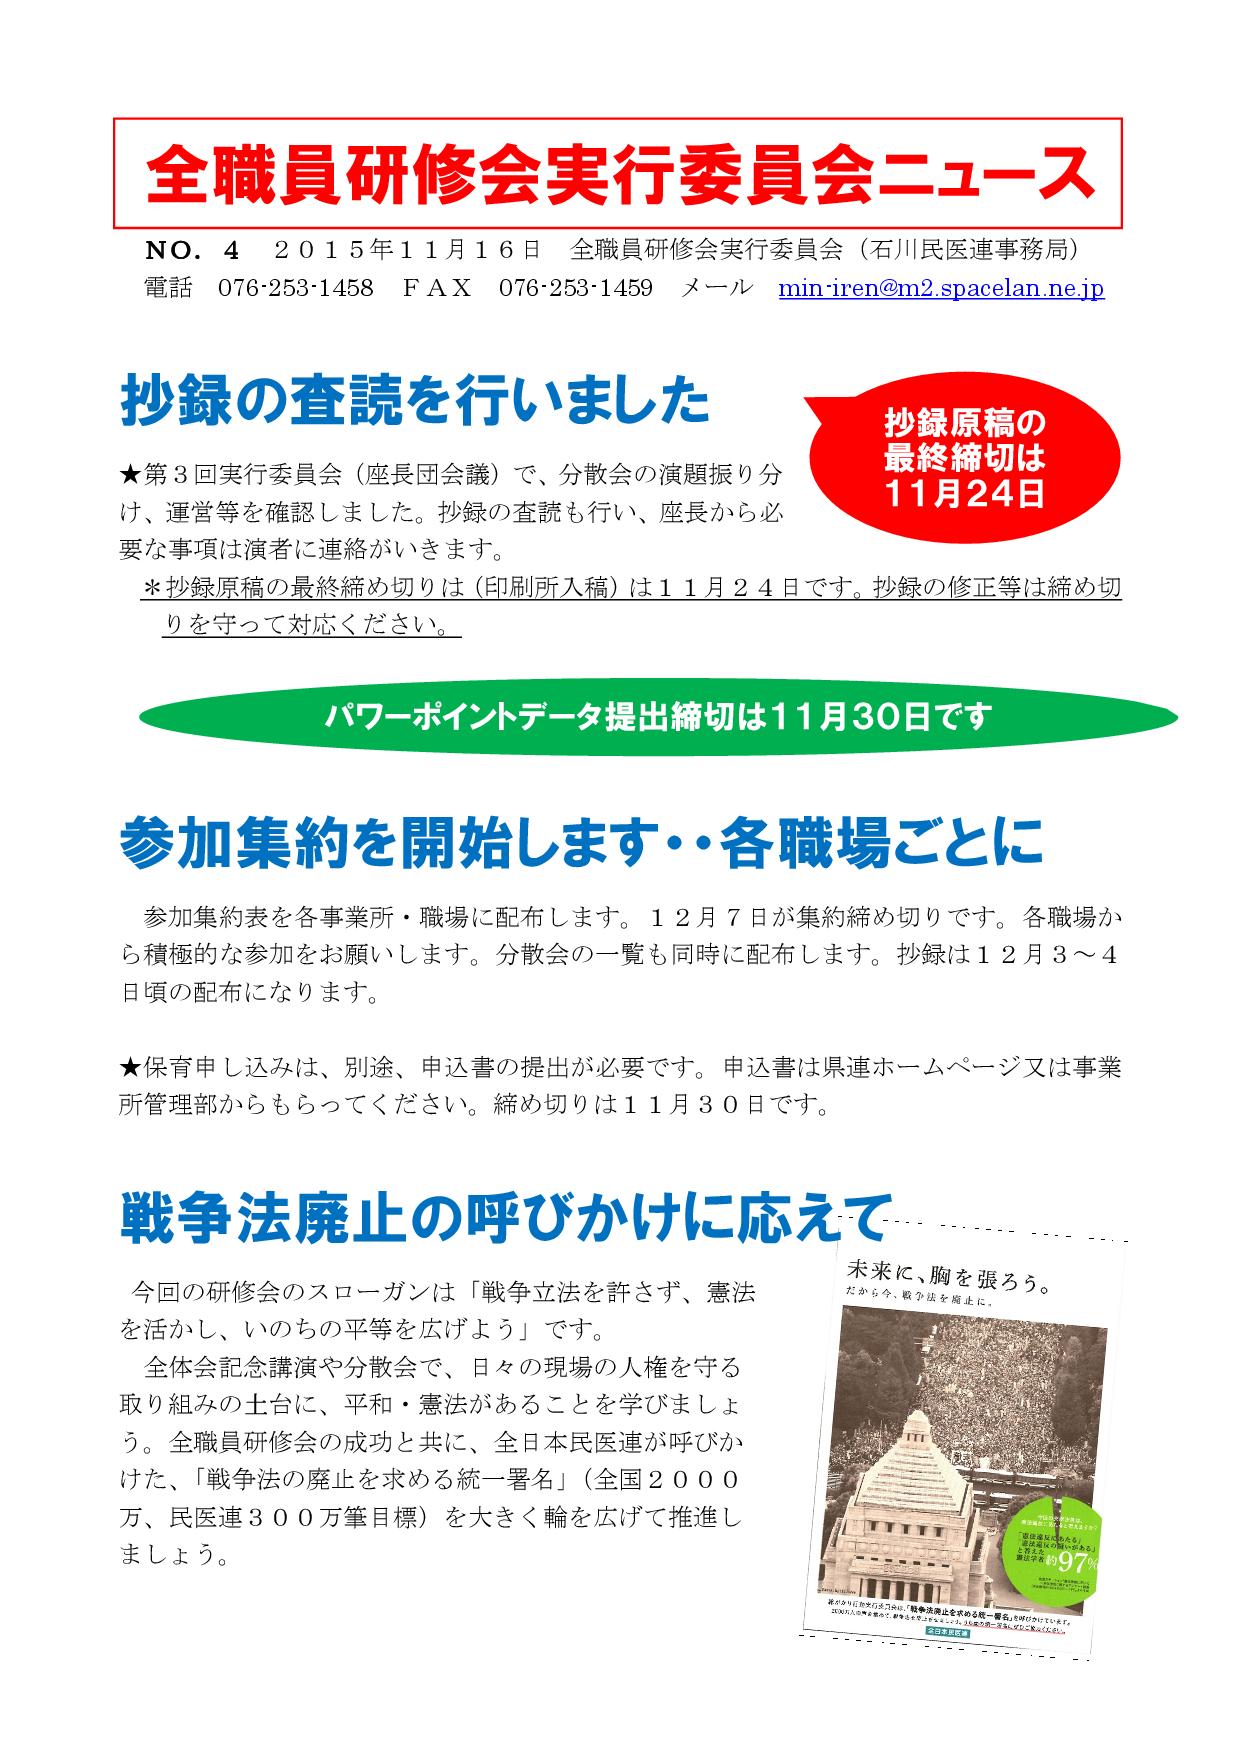 全職員研修会実行委員会ニュース4